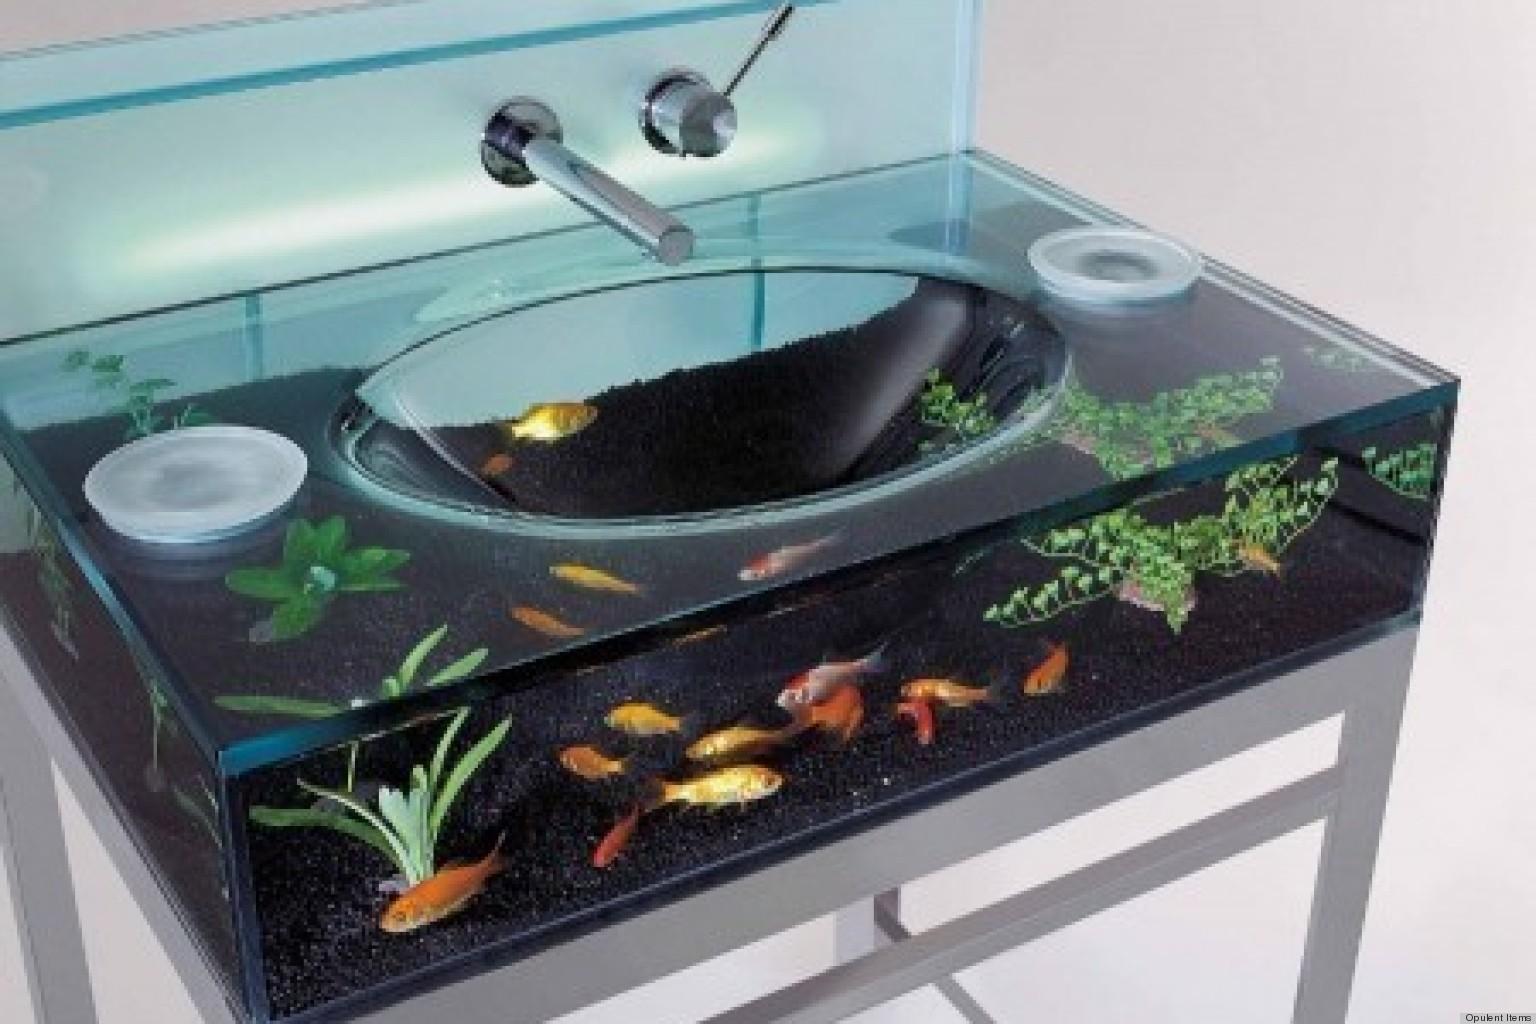 Aquarium fish tank price in india - Aquarium Fish Tank Price In India